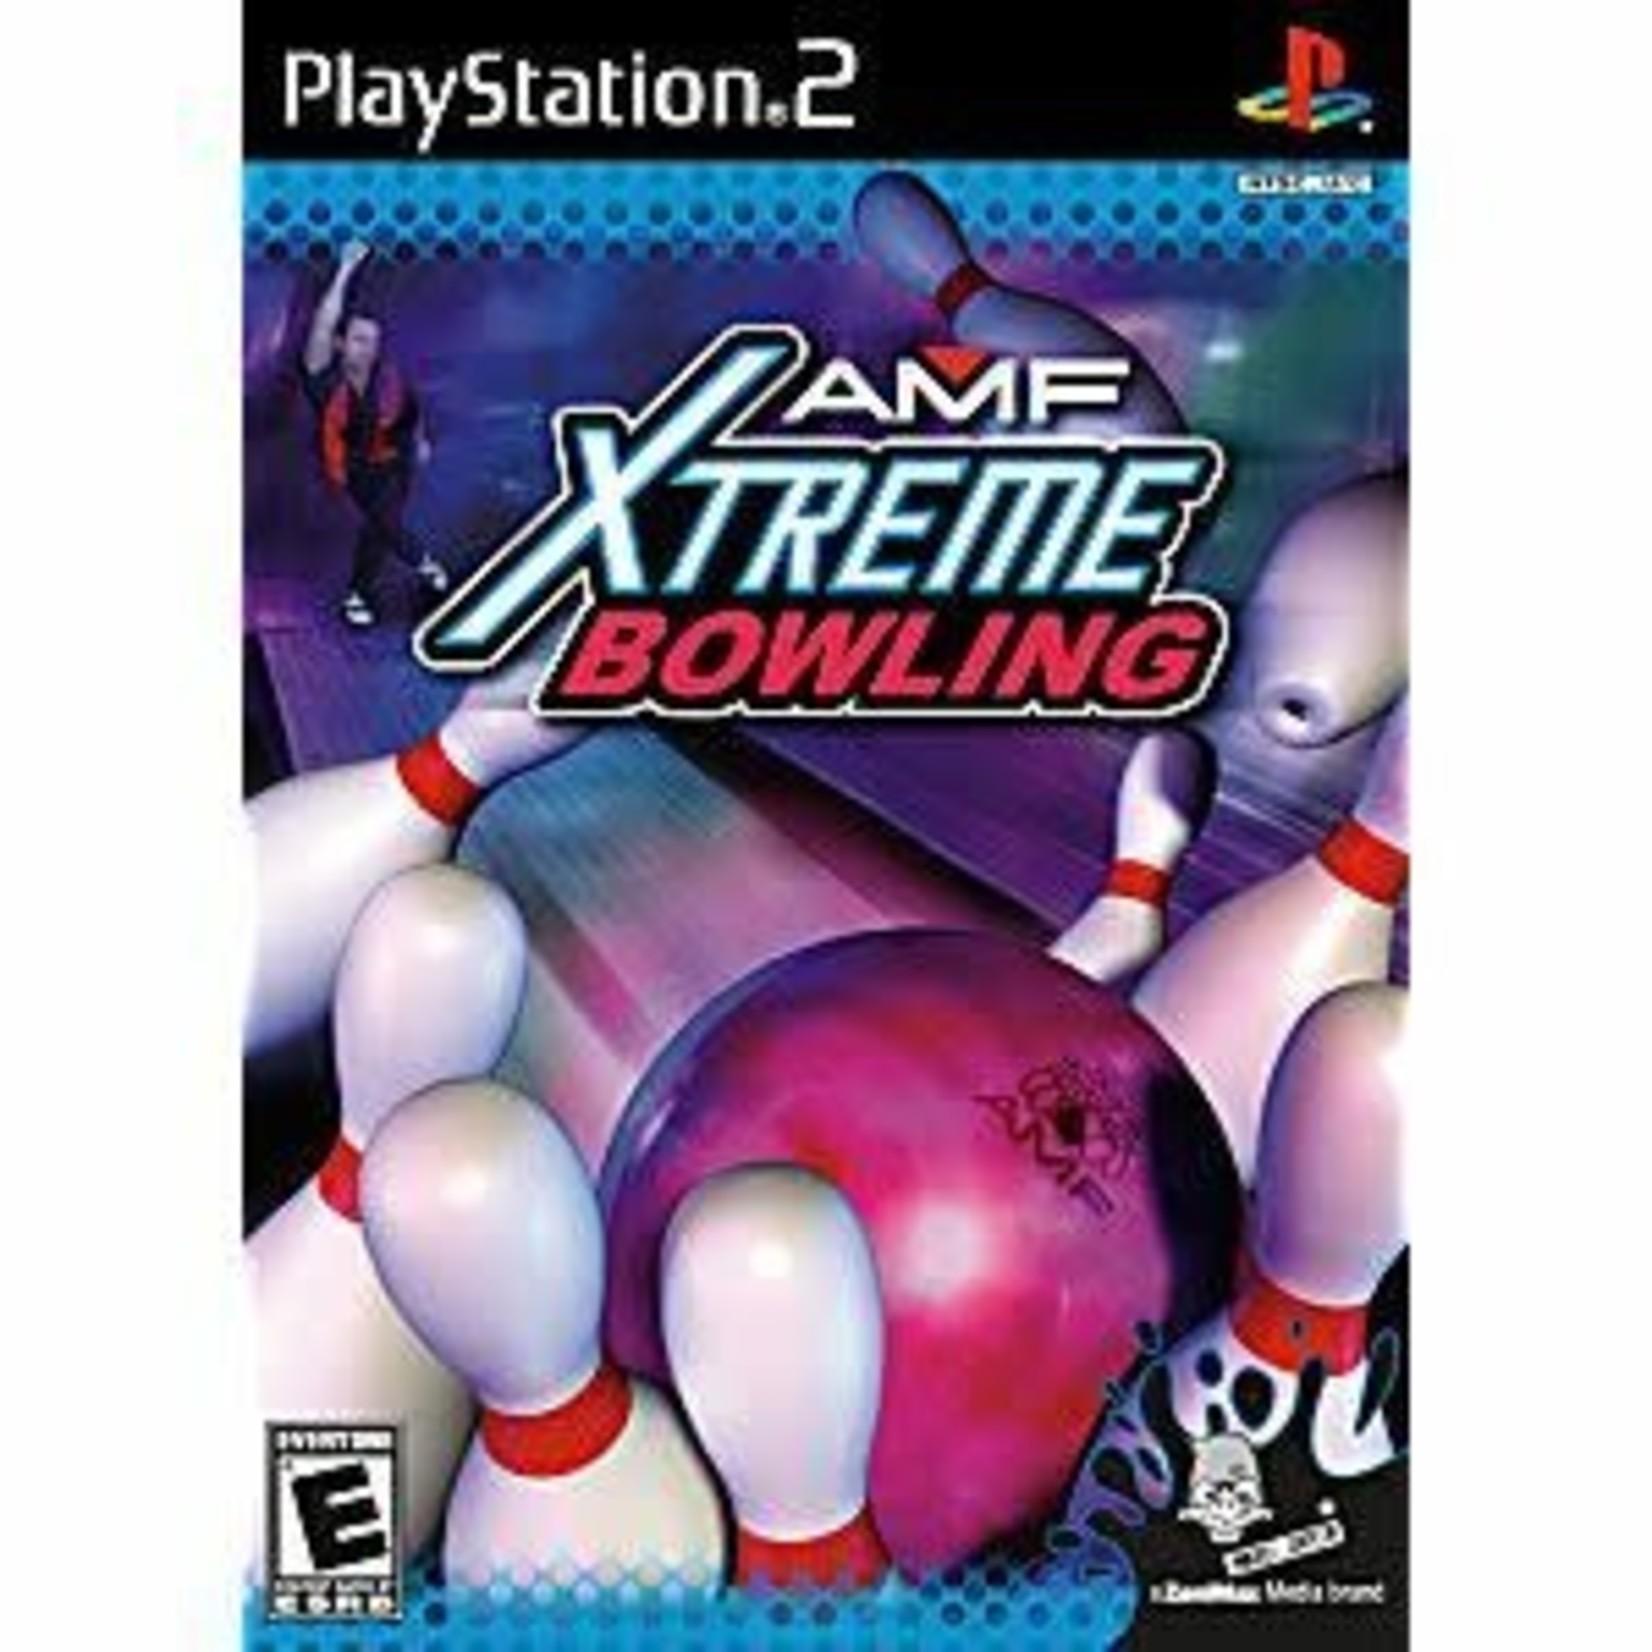 Ps2u-AMF Xtreme Bowling